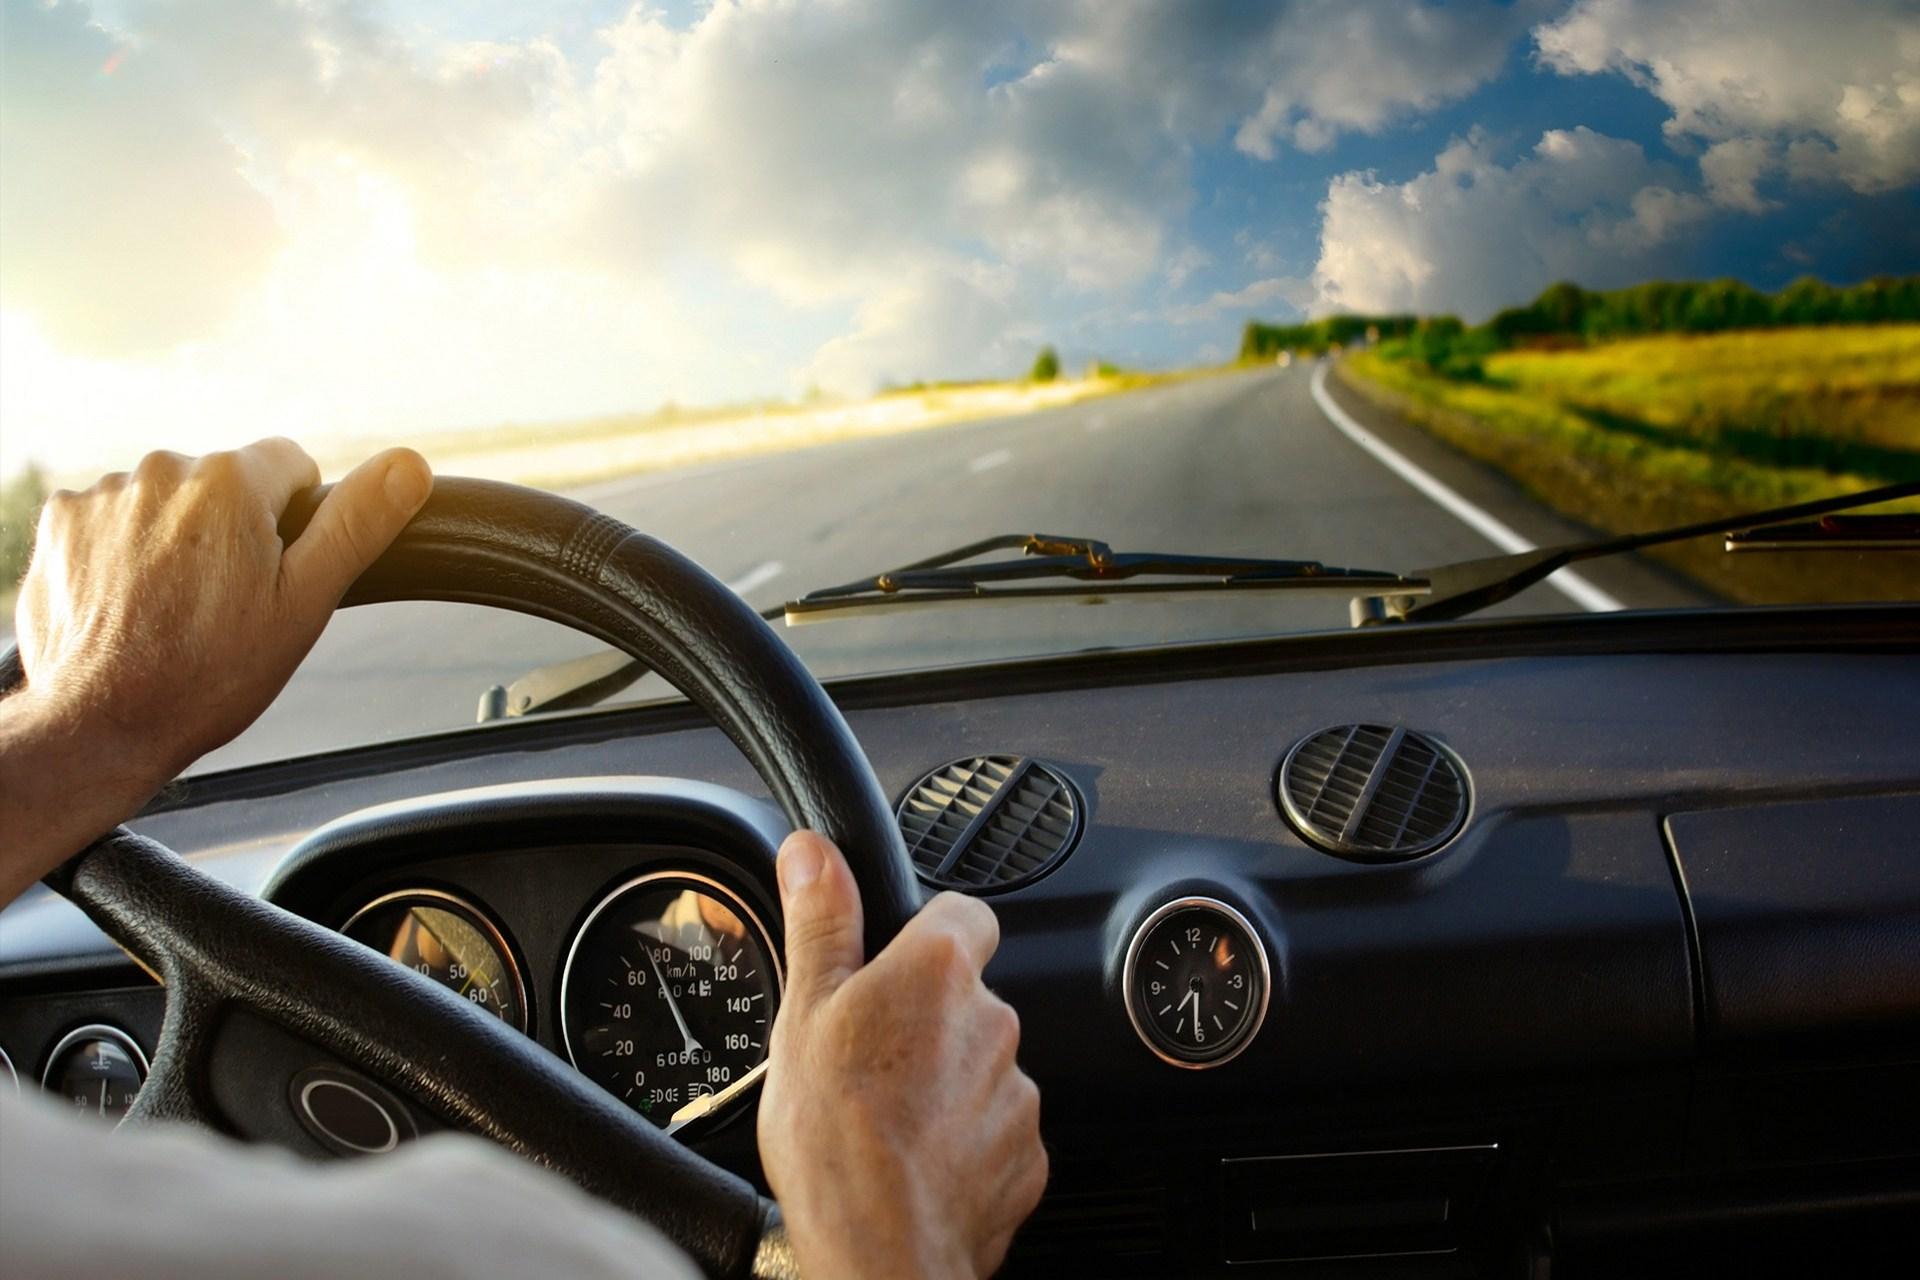 Conducir Con Fatiga Cansancio